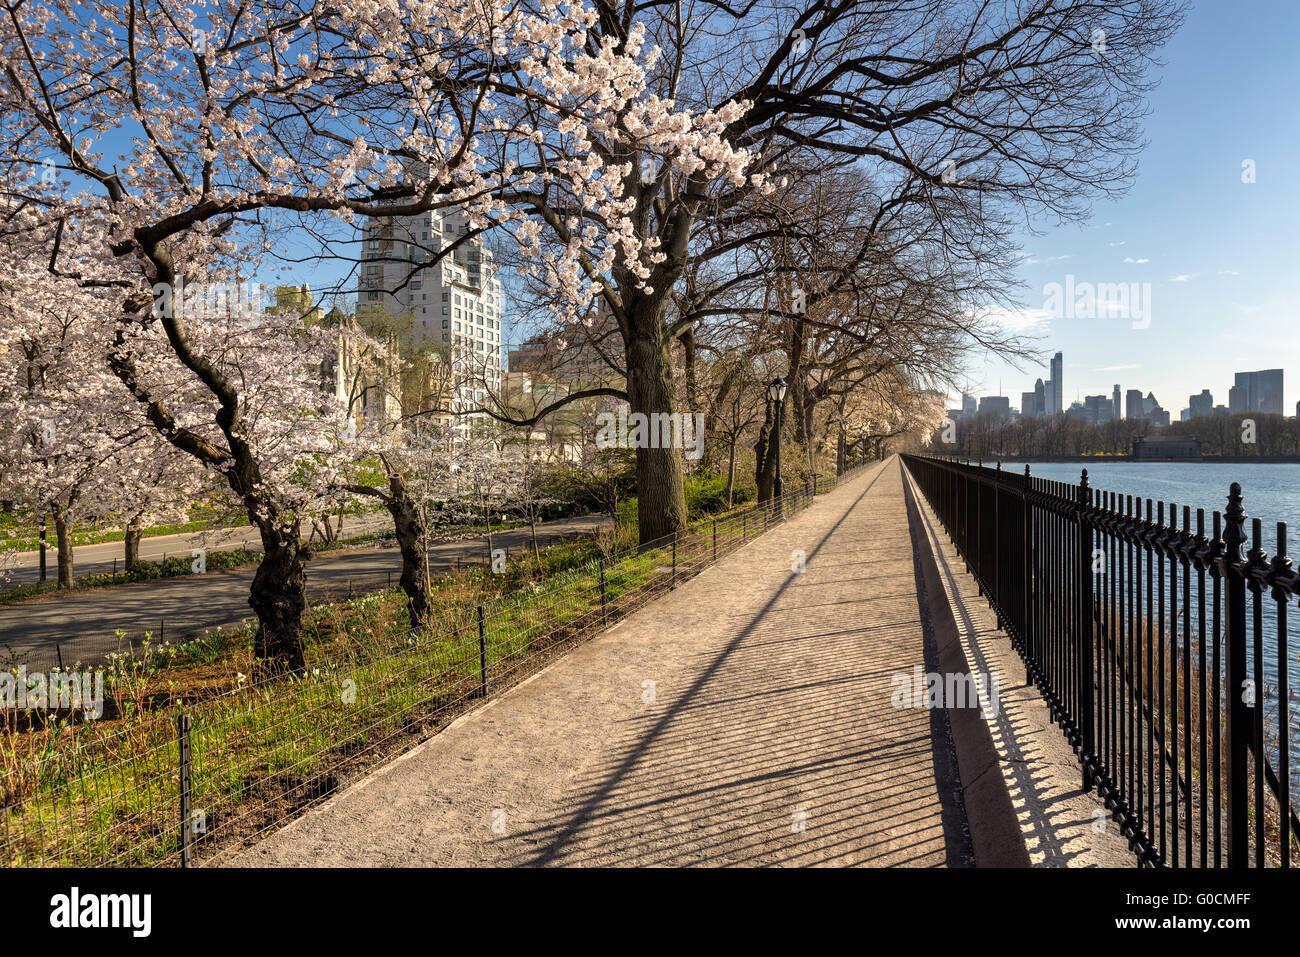 La primavera en Central Park, en la pista de atletismo Shuman con Yoshino cerezos en flor. Upper East Side, Manhattan, Imagen De Stock